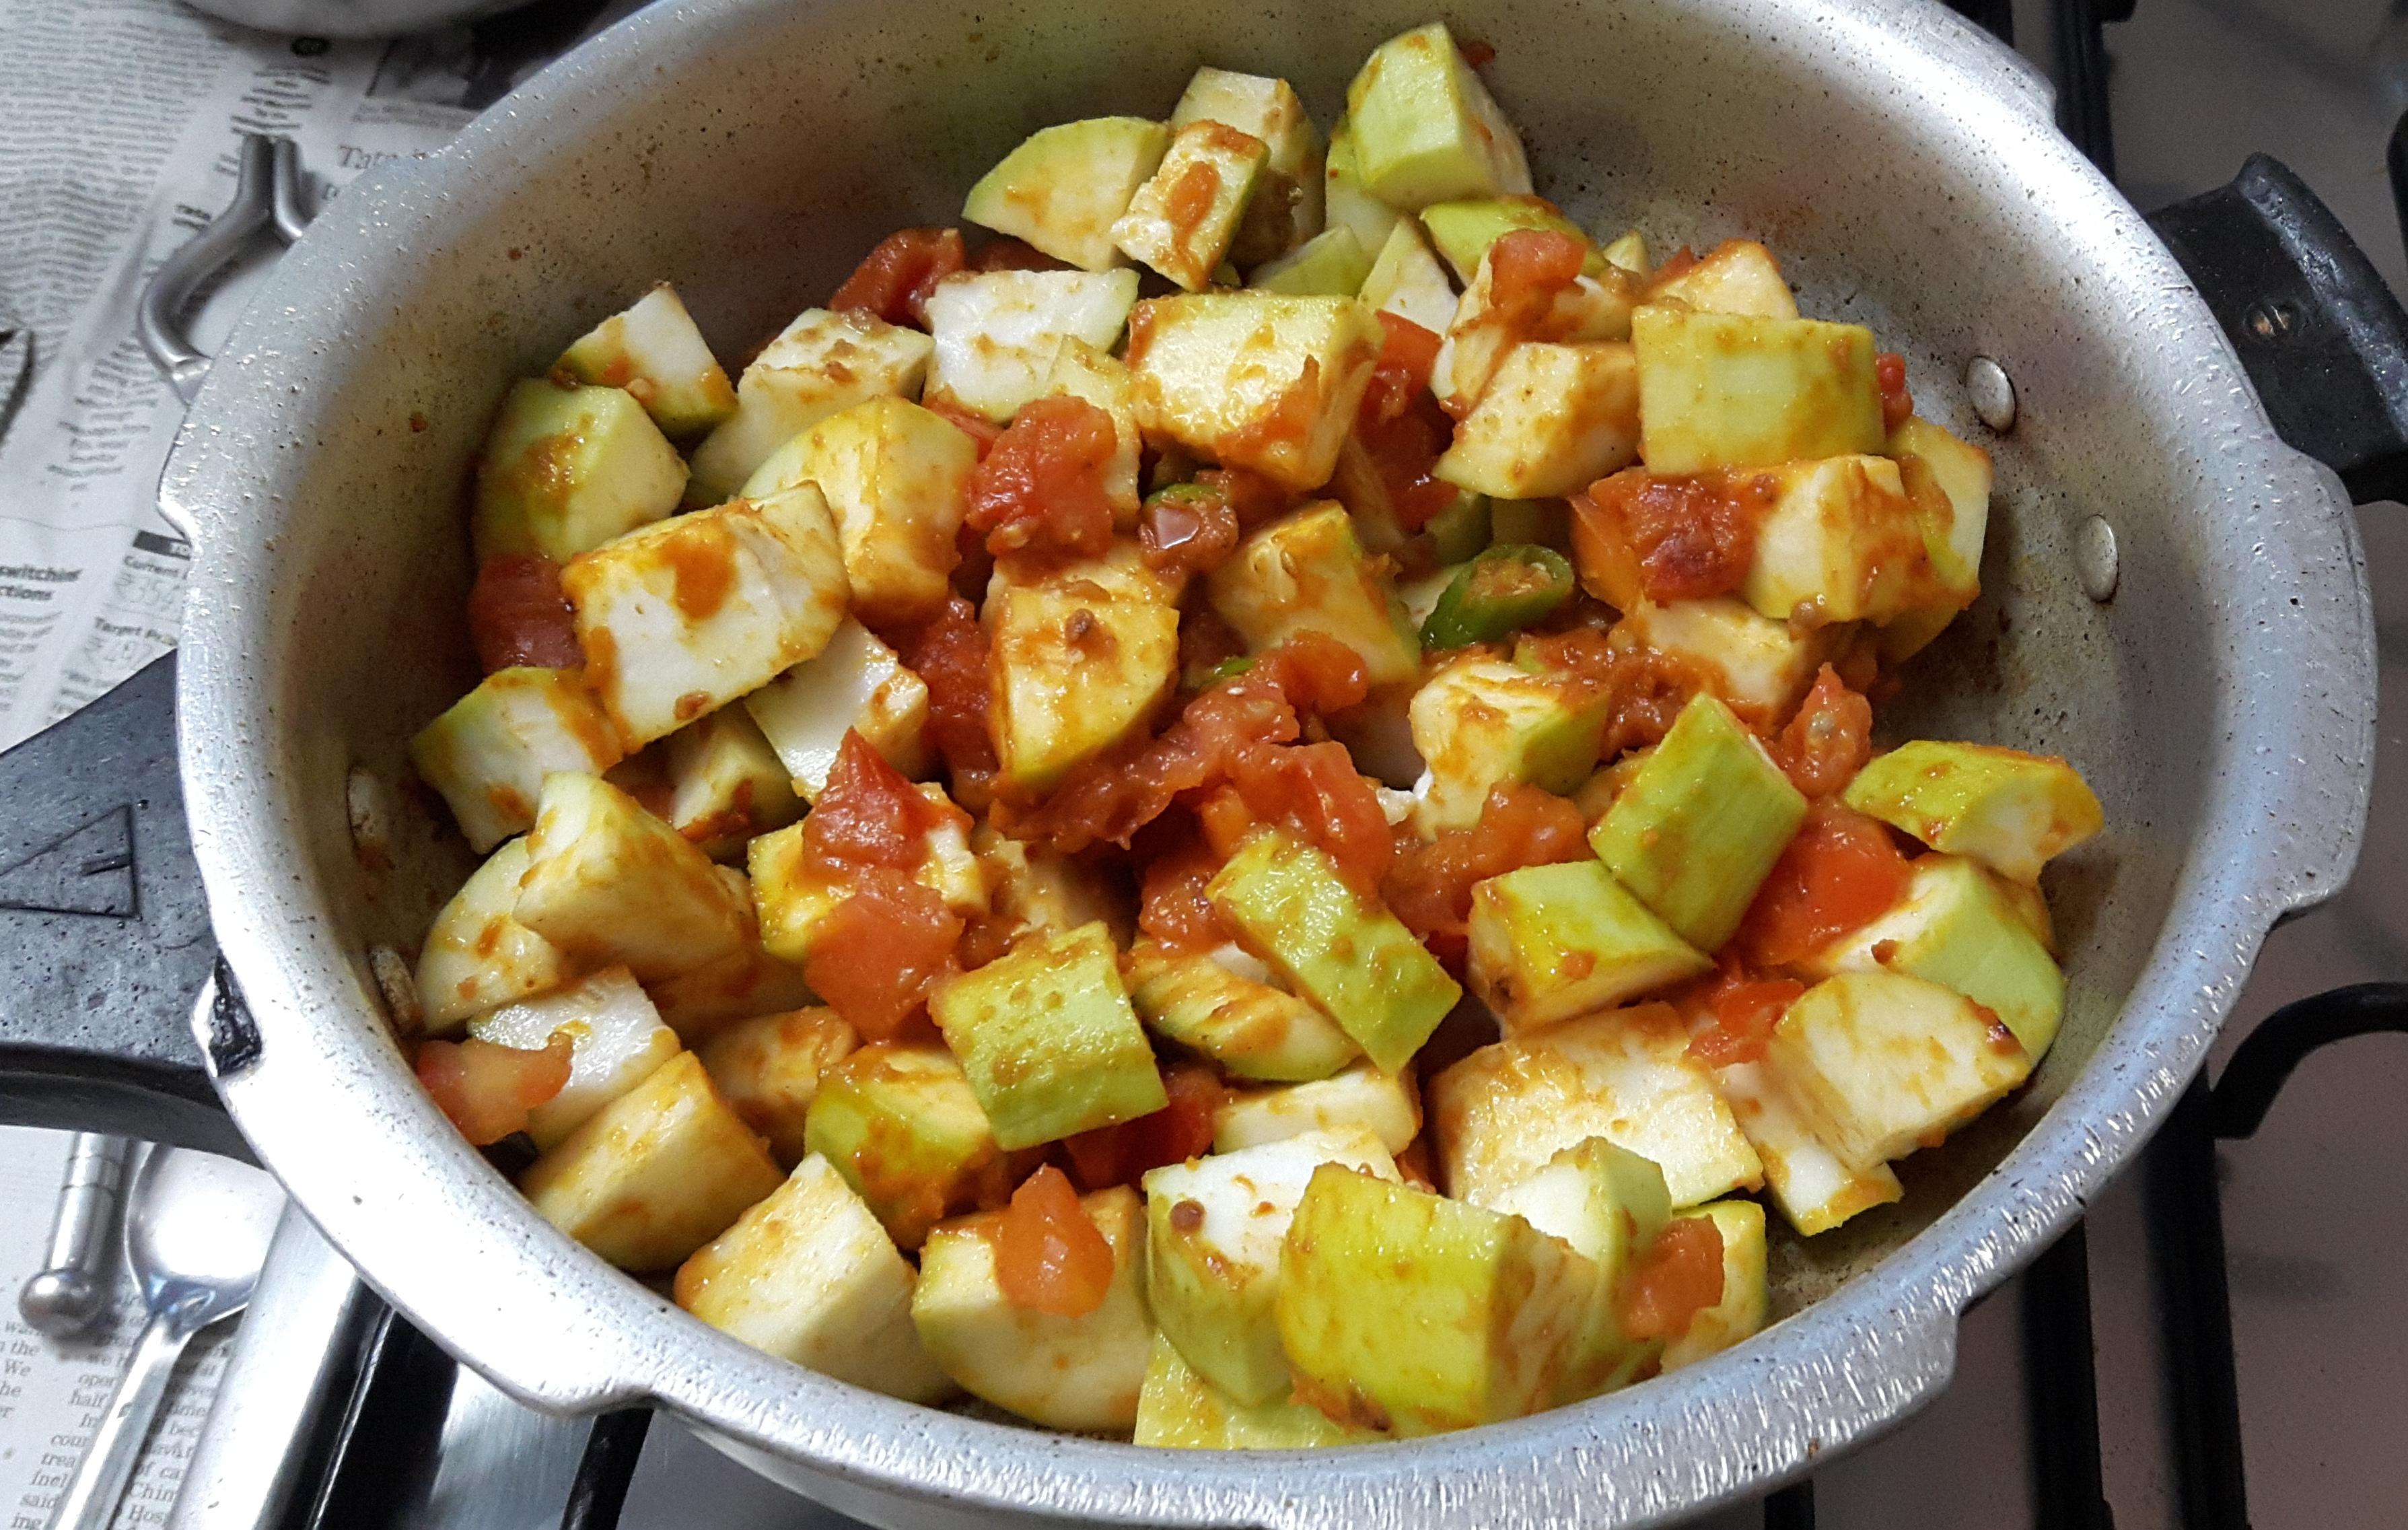 Add chopped lauki